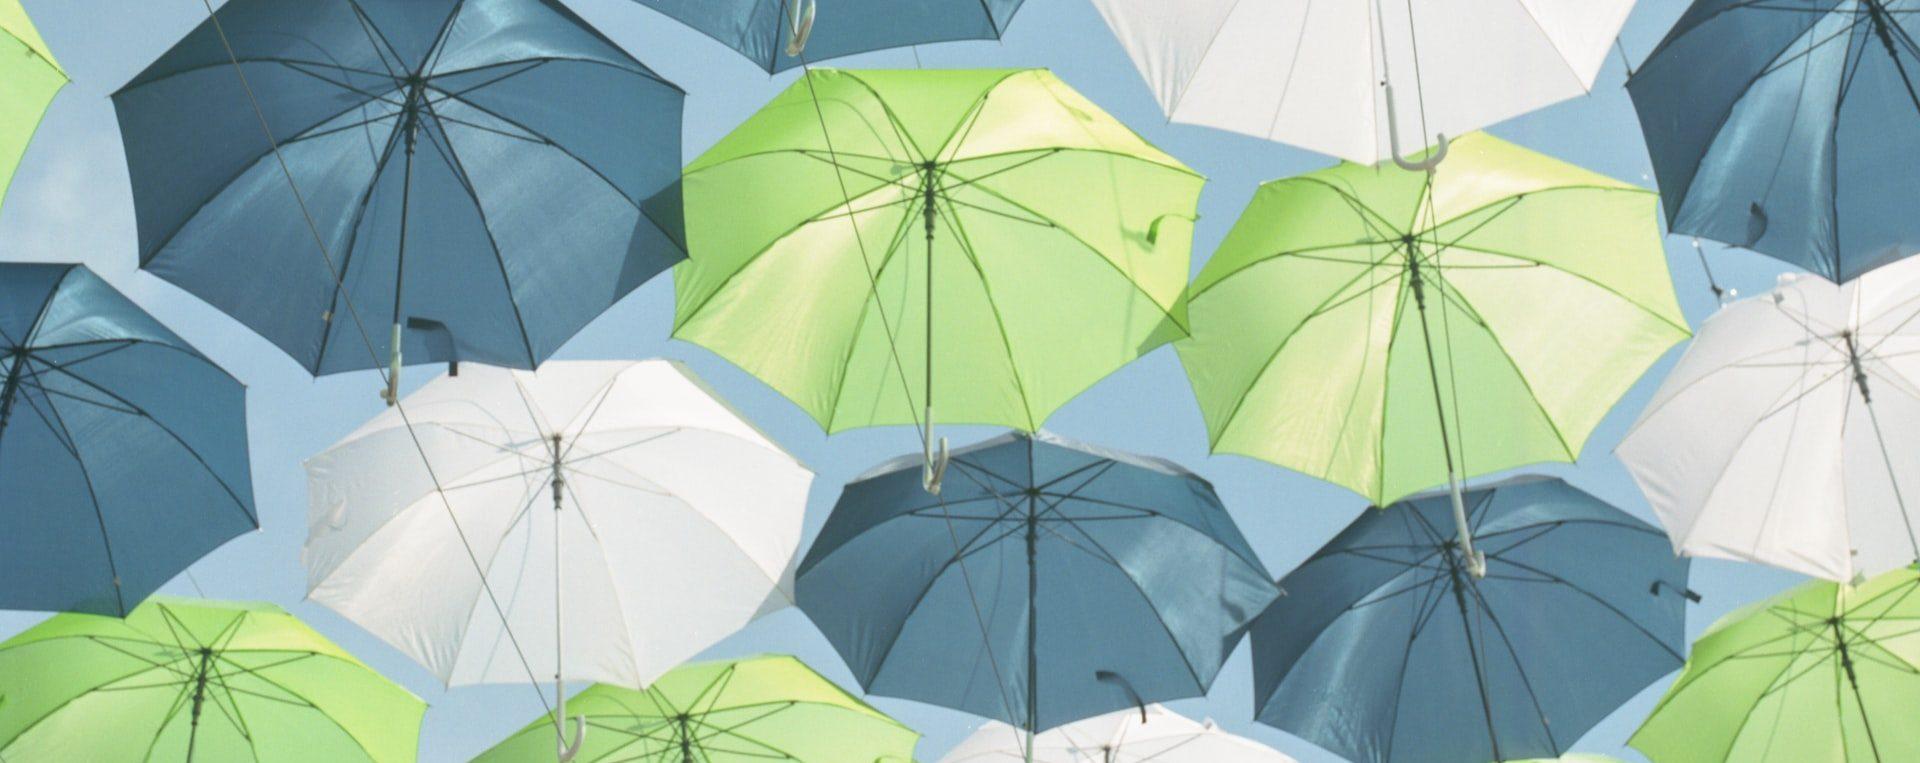 Mercado de seguros tem arrecadação de R$ 121 bilhões no primeiro semestre